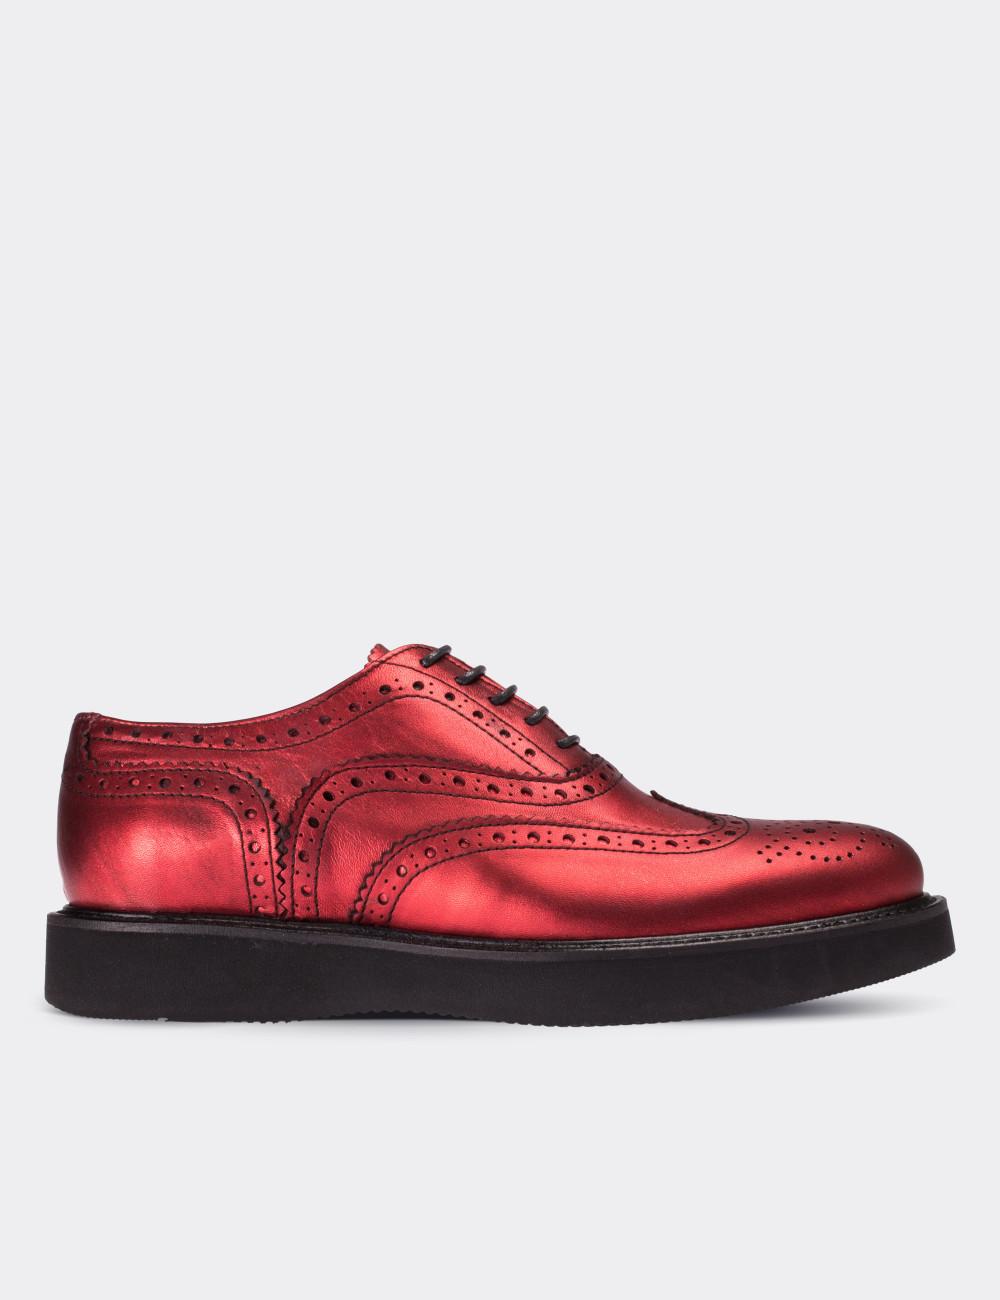 ee38eedeb3c8c Hakiki Deri Kırmızı Finisajlı Oxford Kadın Ayakkabı - 01418ZKRME02